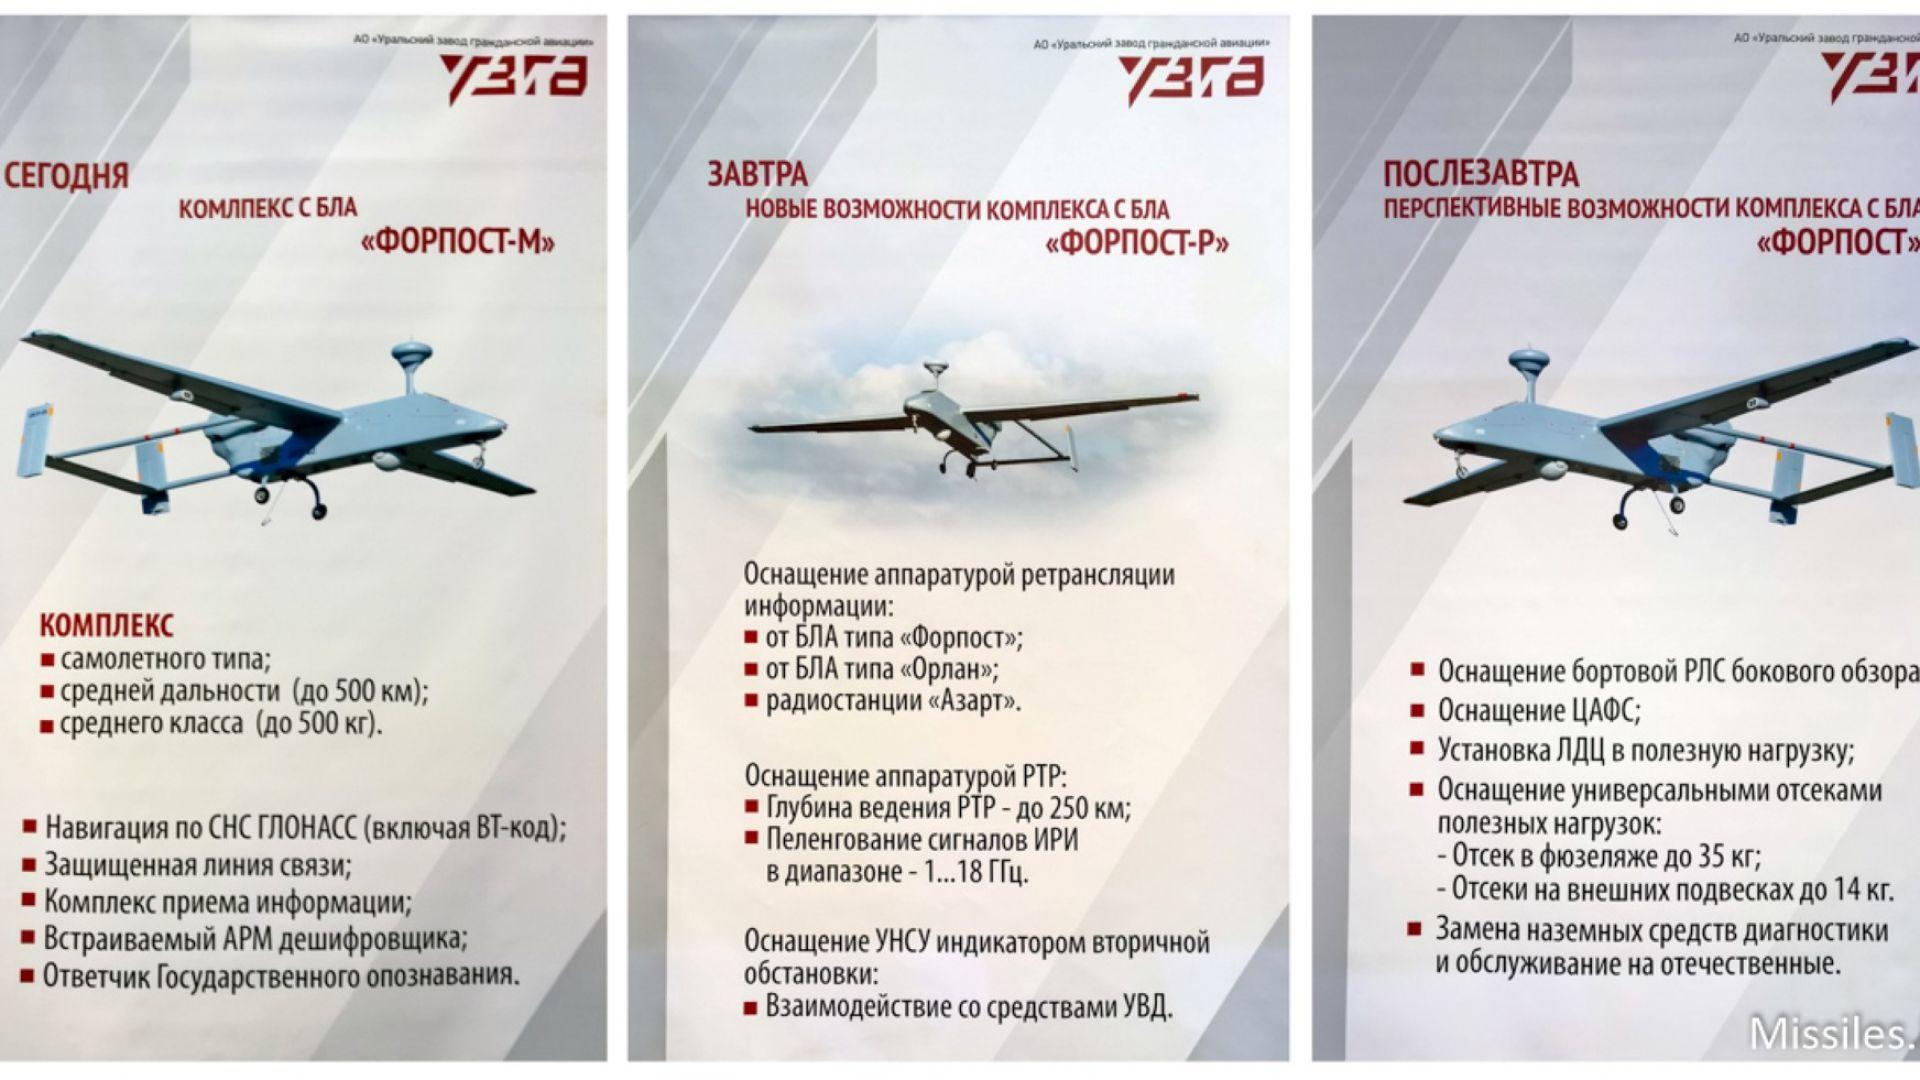 Руската бойна авиация скоро ще получи модерни ударни дронове